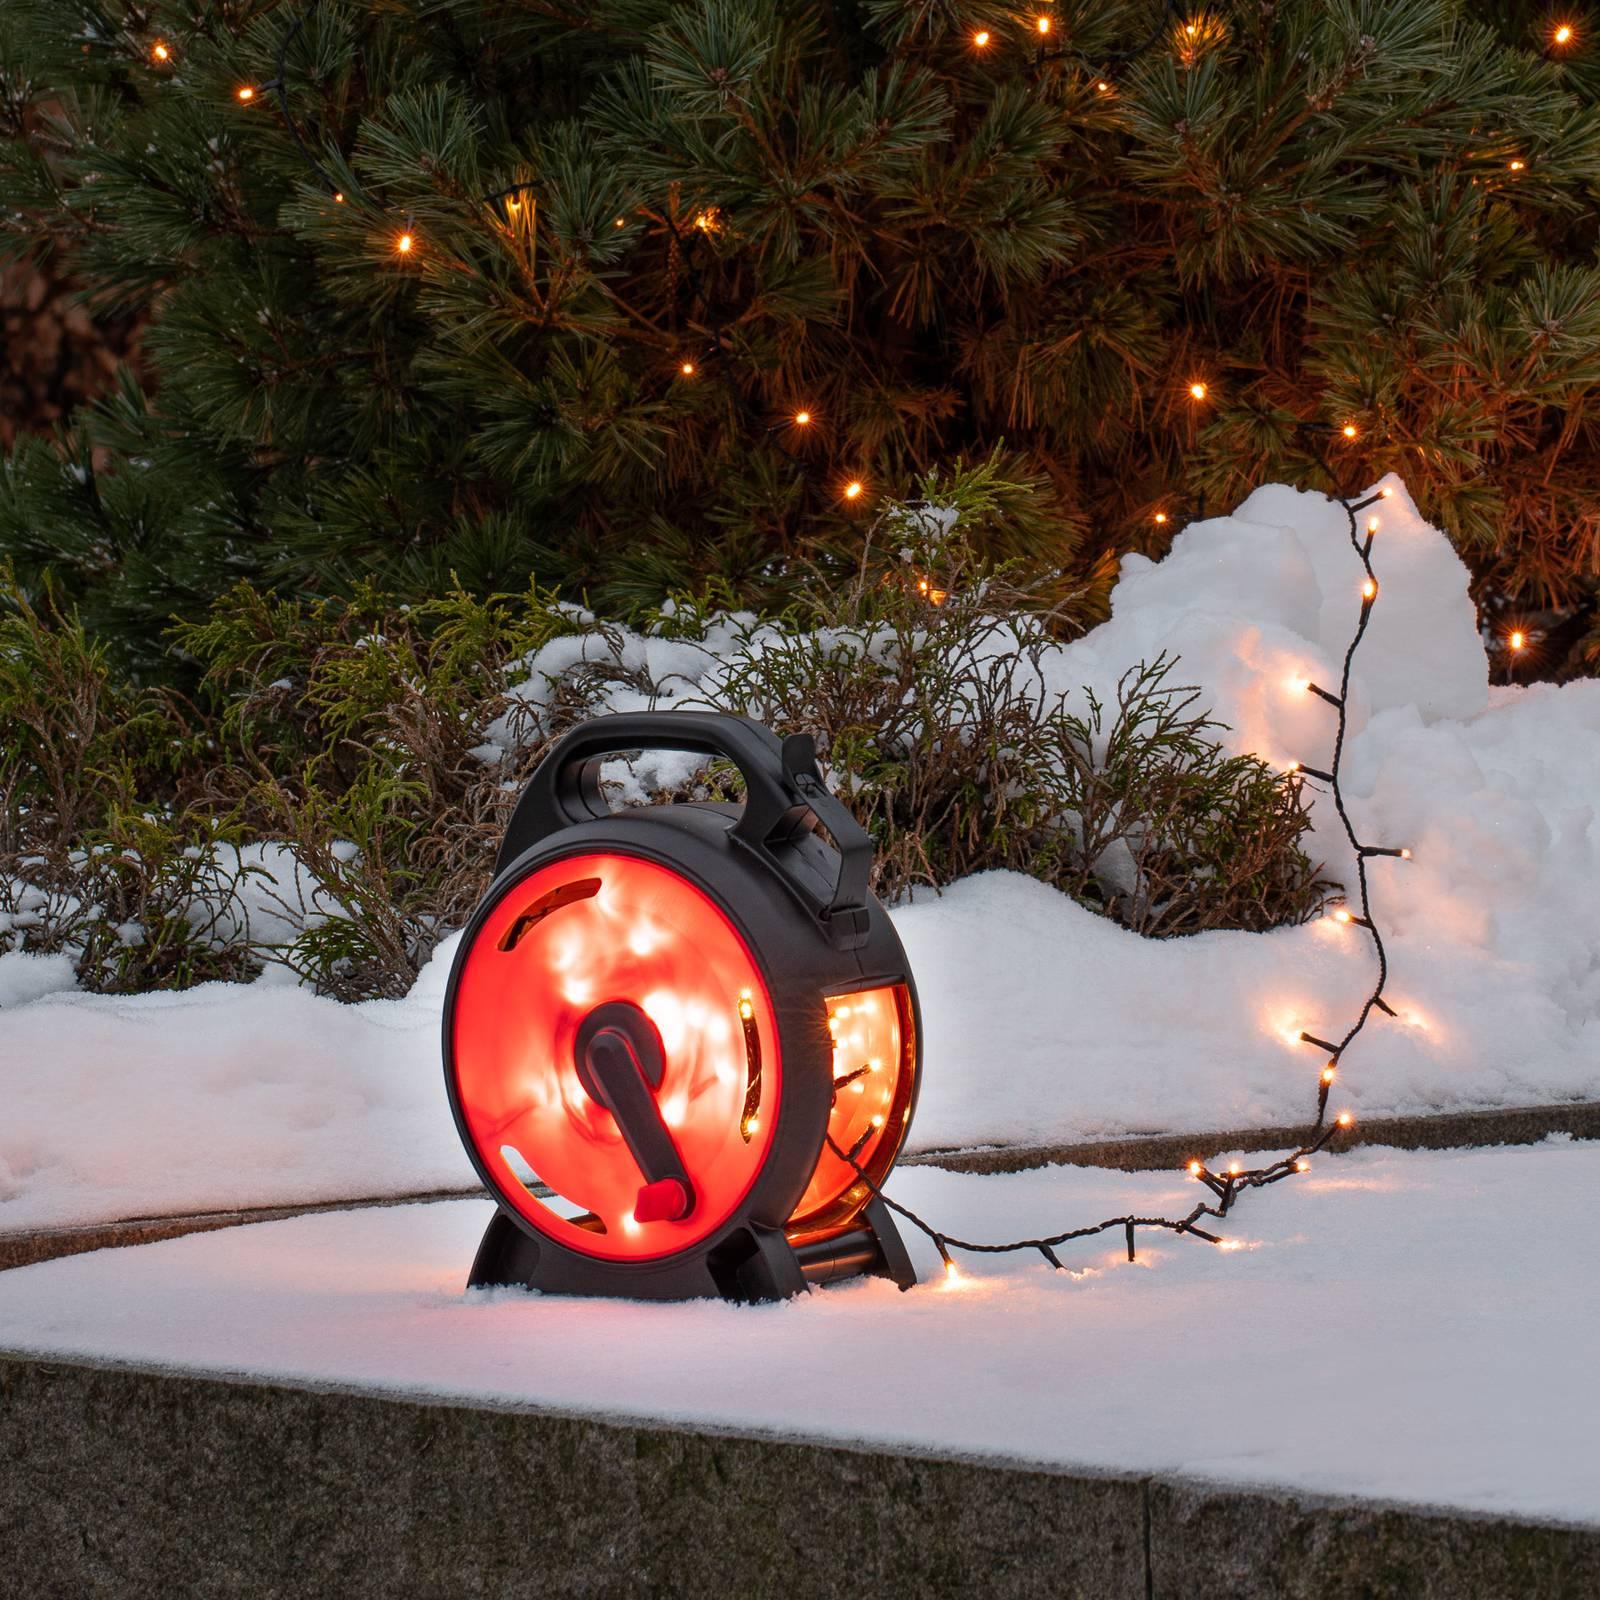 LED-Lichterkette Micro bernstein 200flammig 13,93m günstig online kaufen